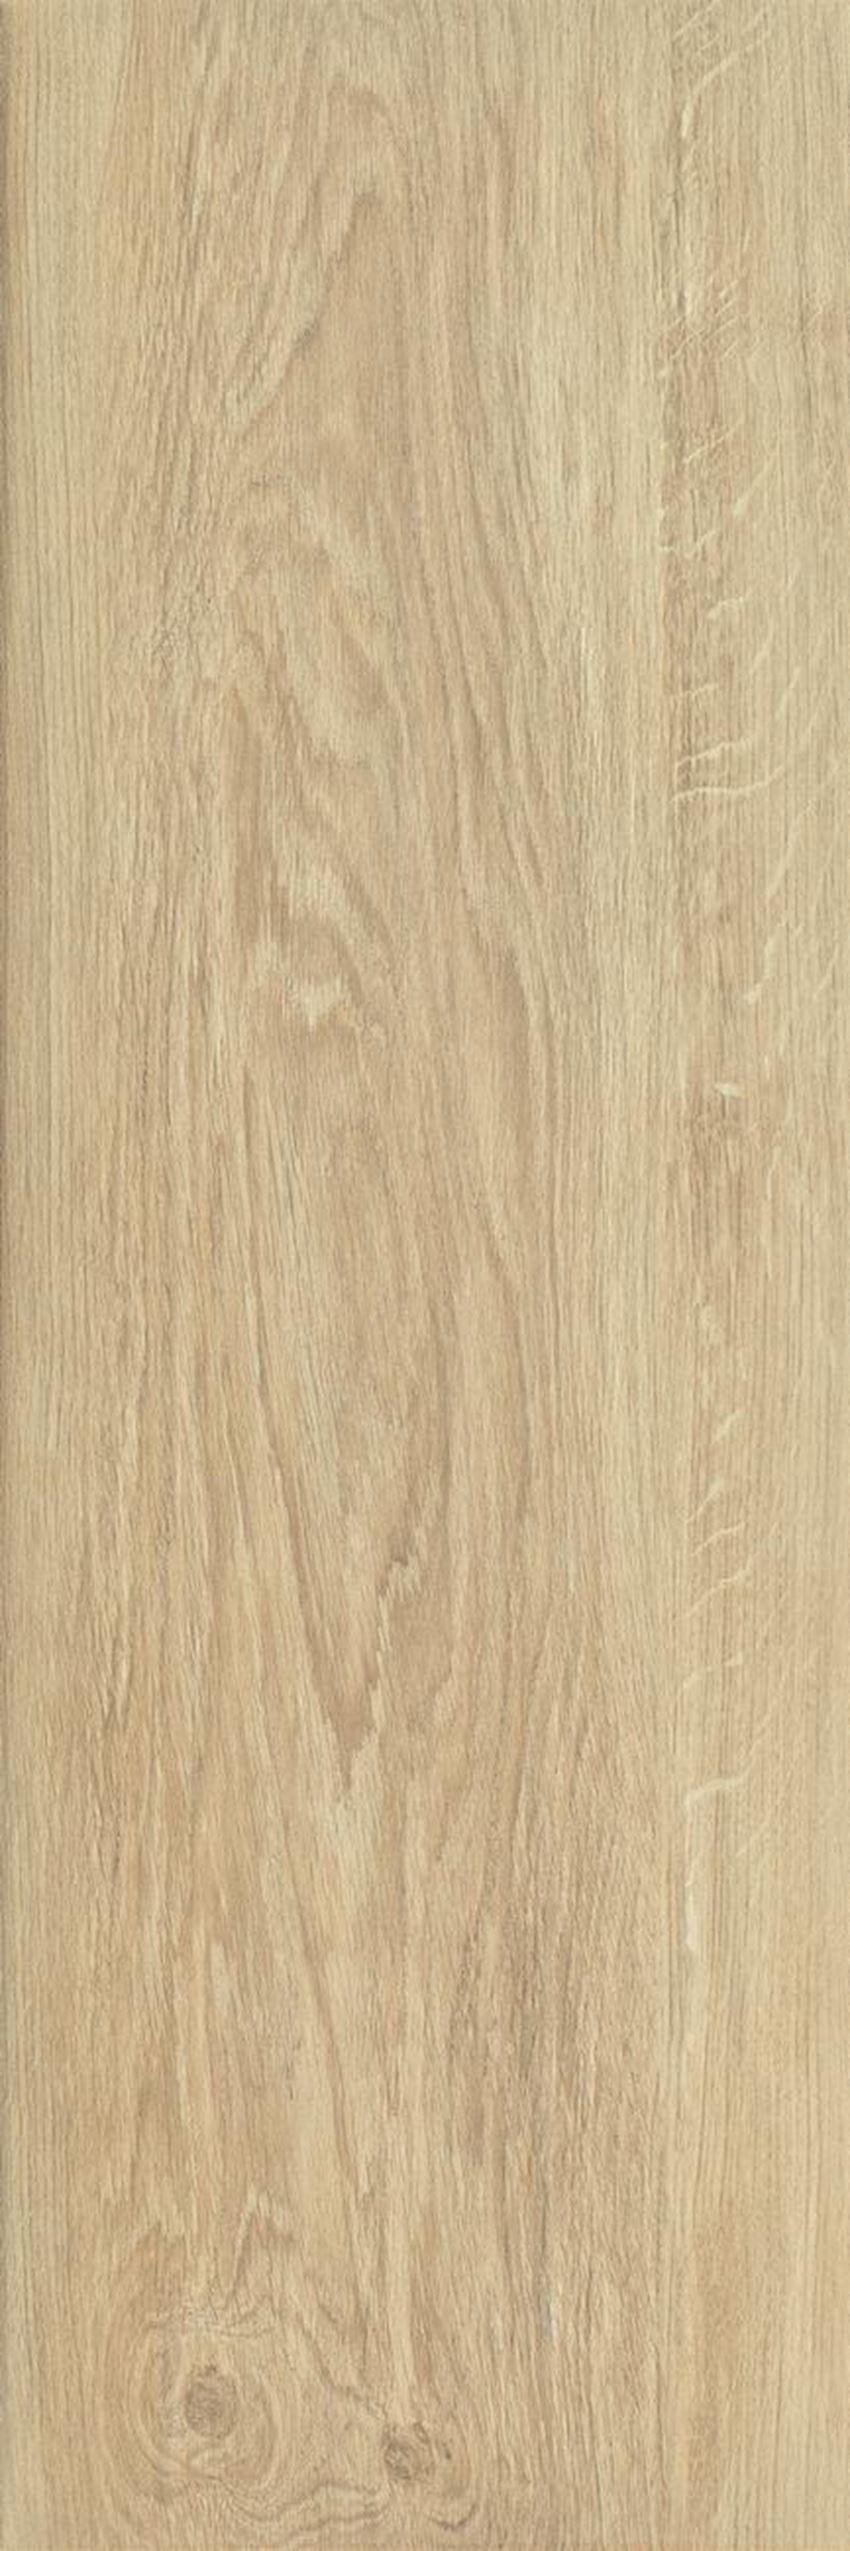 Płytka ścienno-podłogowa Paradyż Wood Basic Beige Gres Szklany